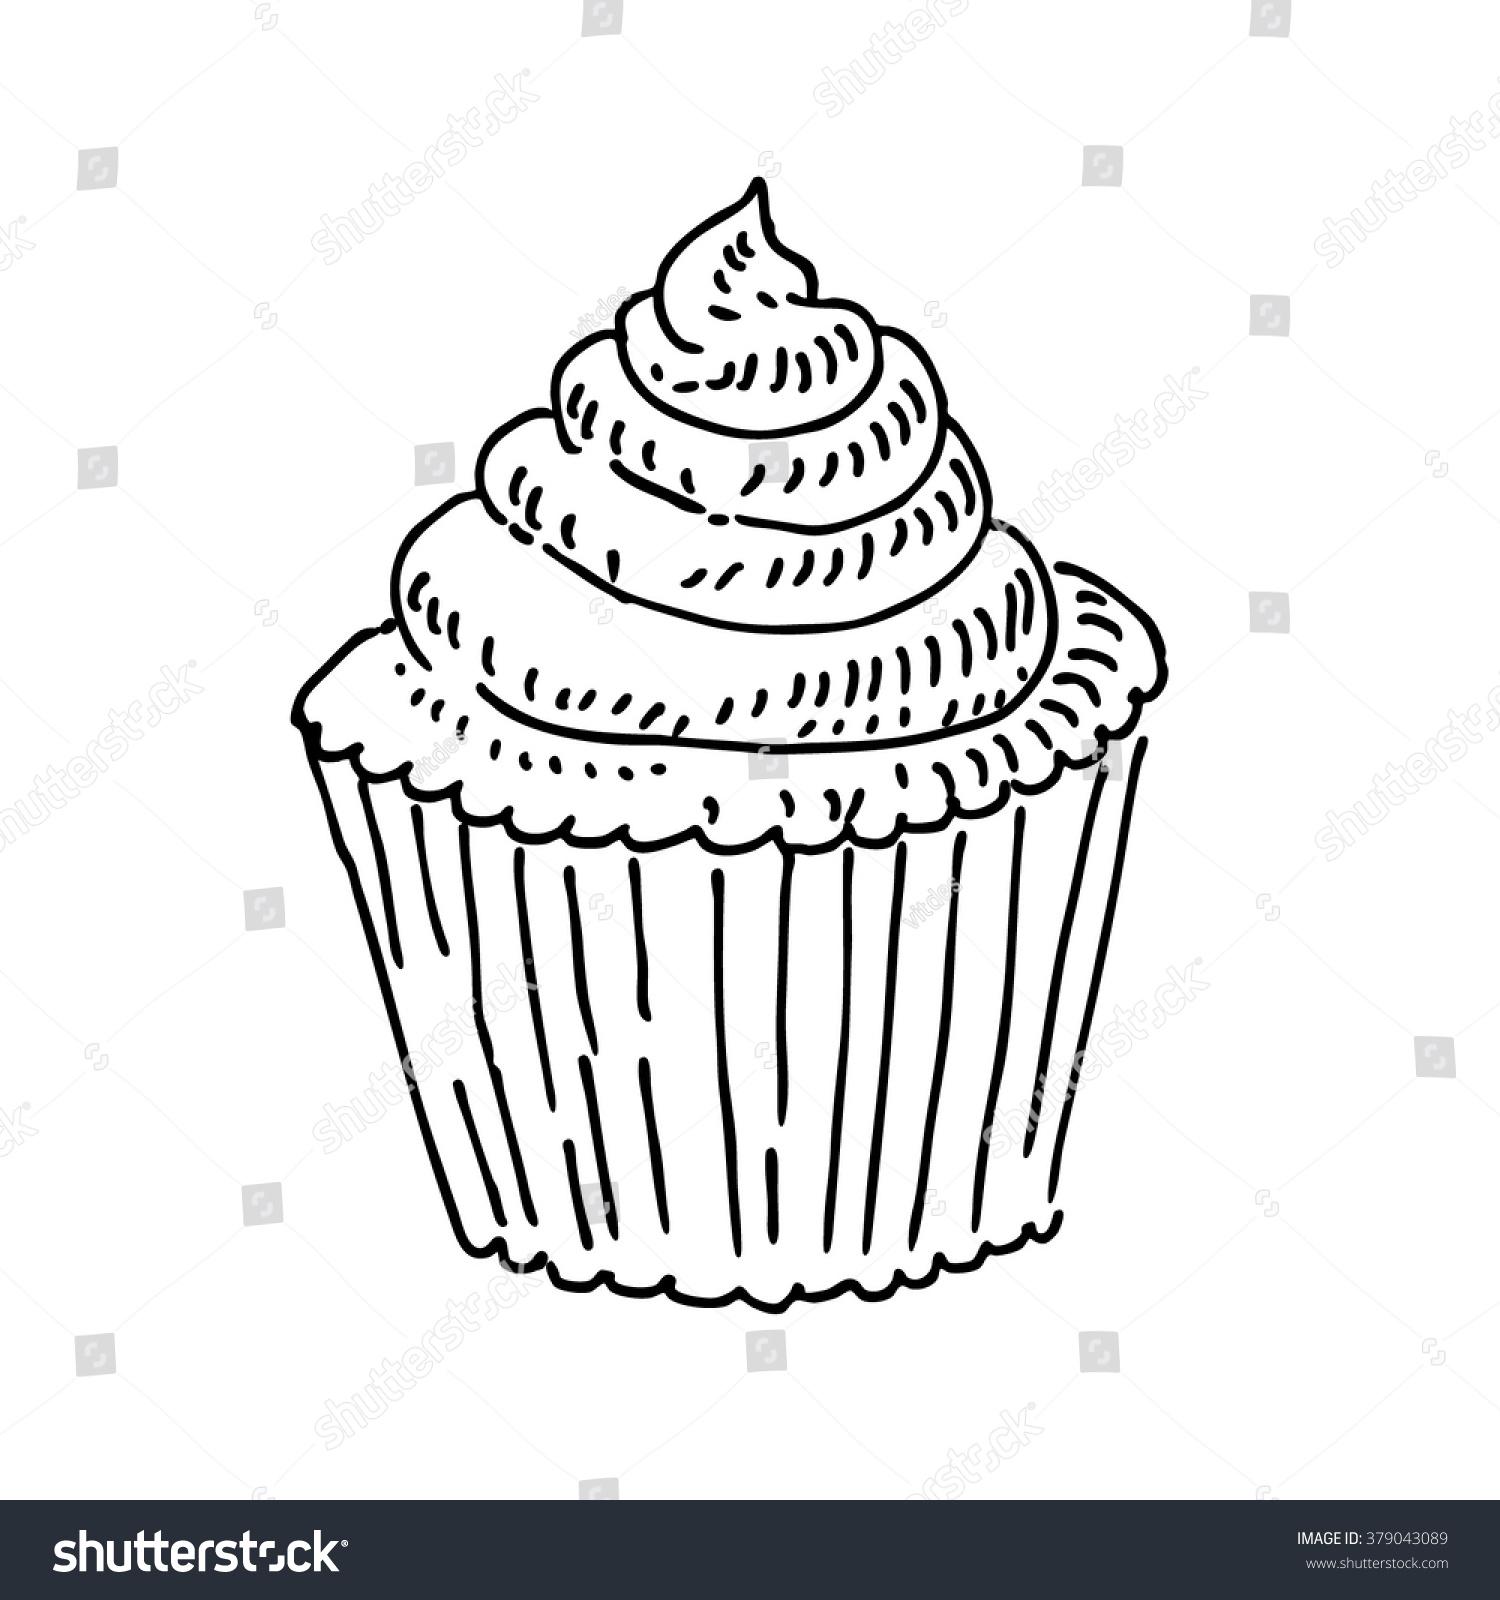 Tasty Cake Or Cupcake, Food Sketch Drawing. Vintage Line ...